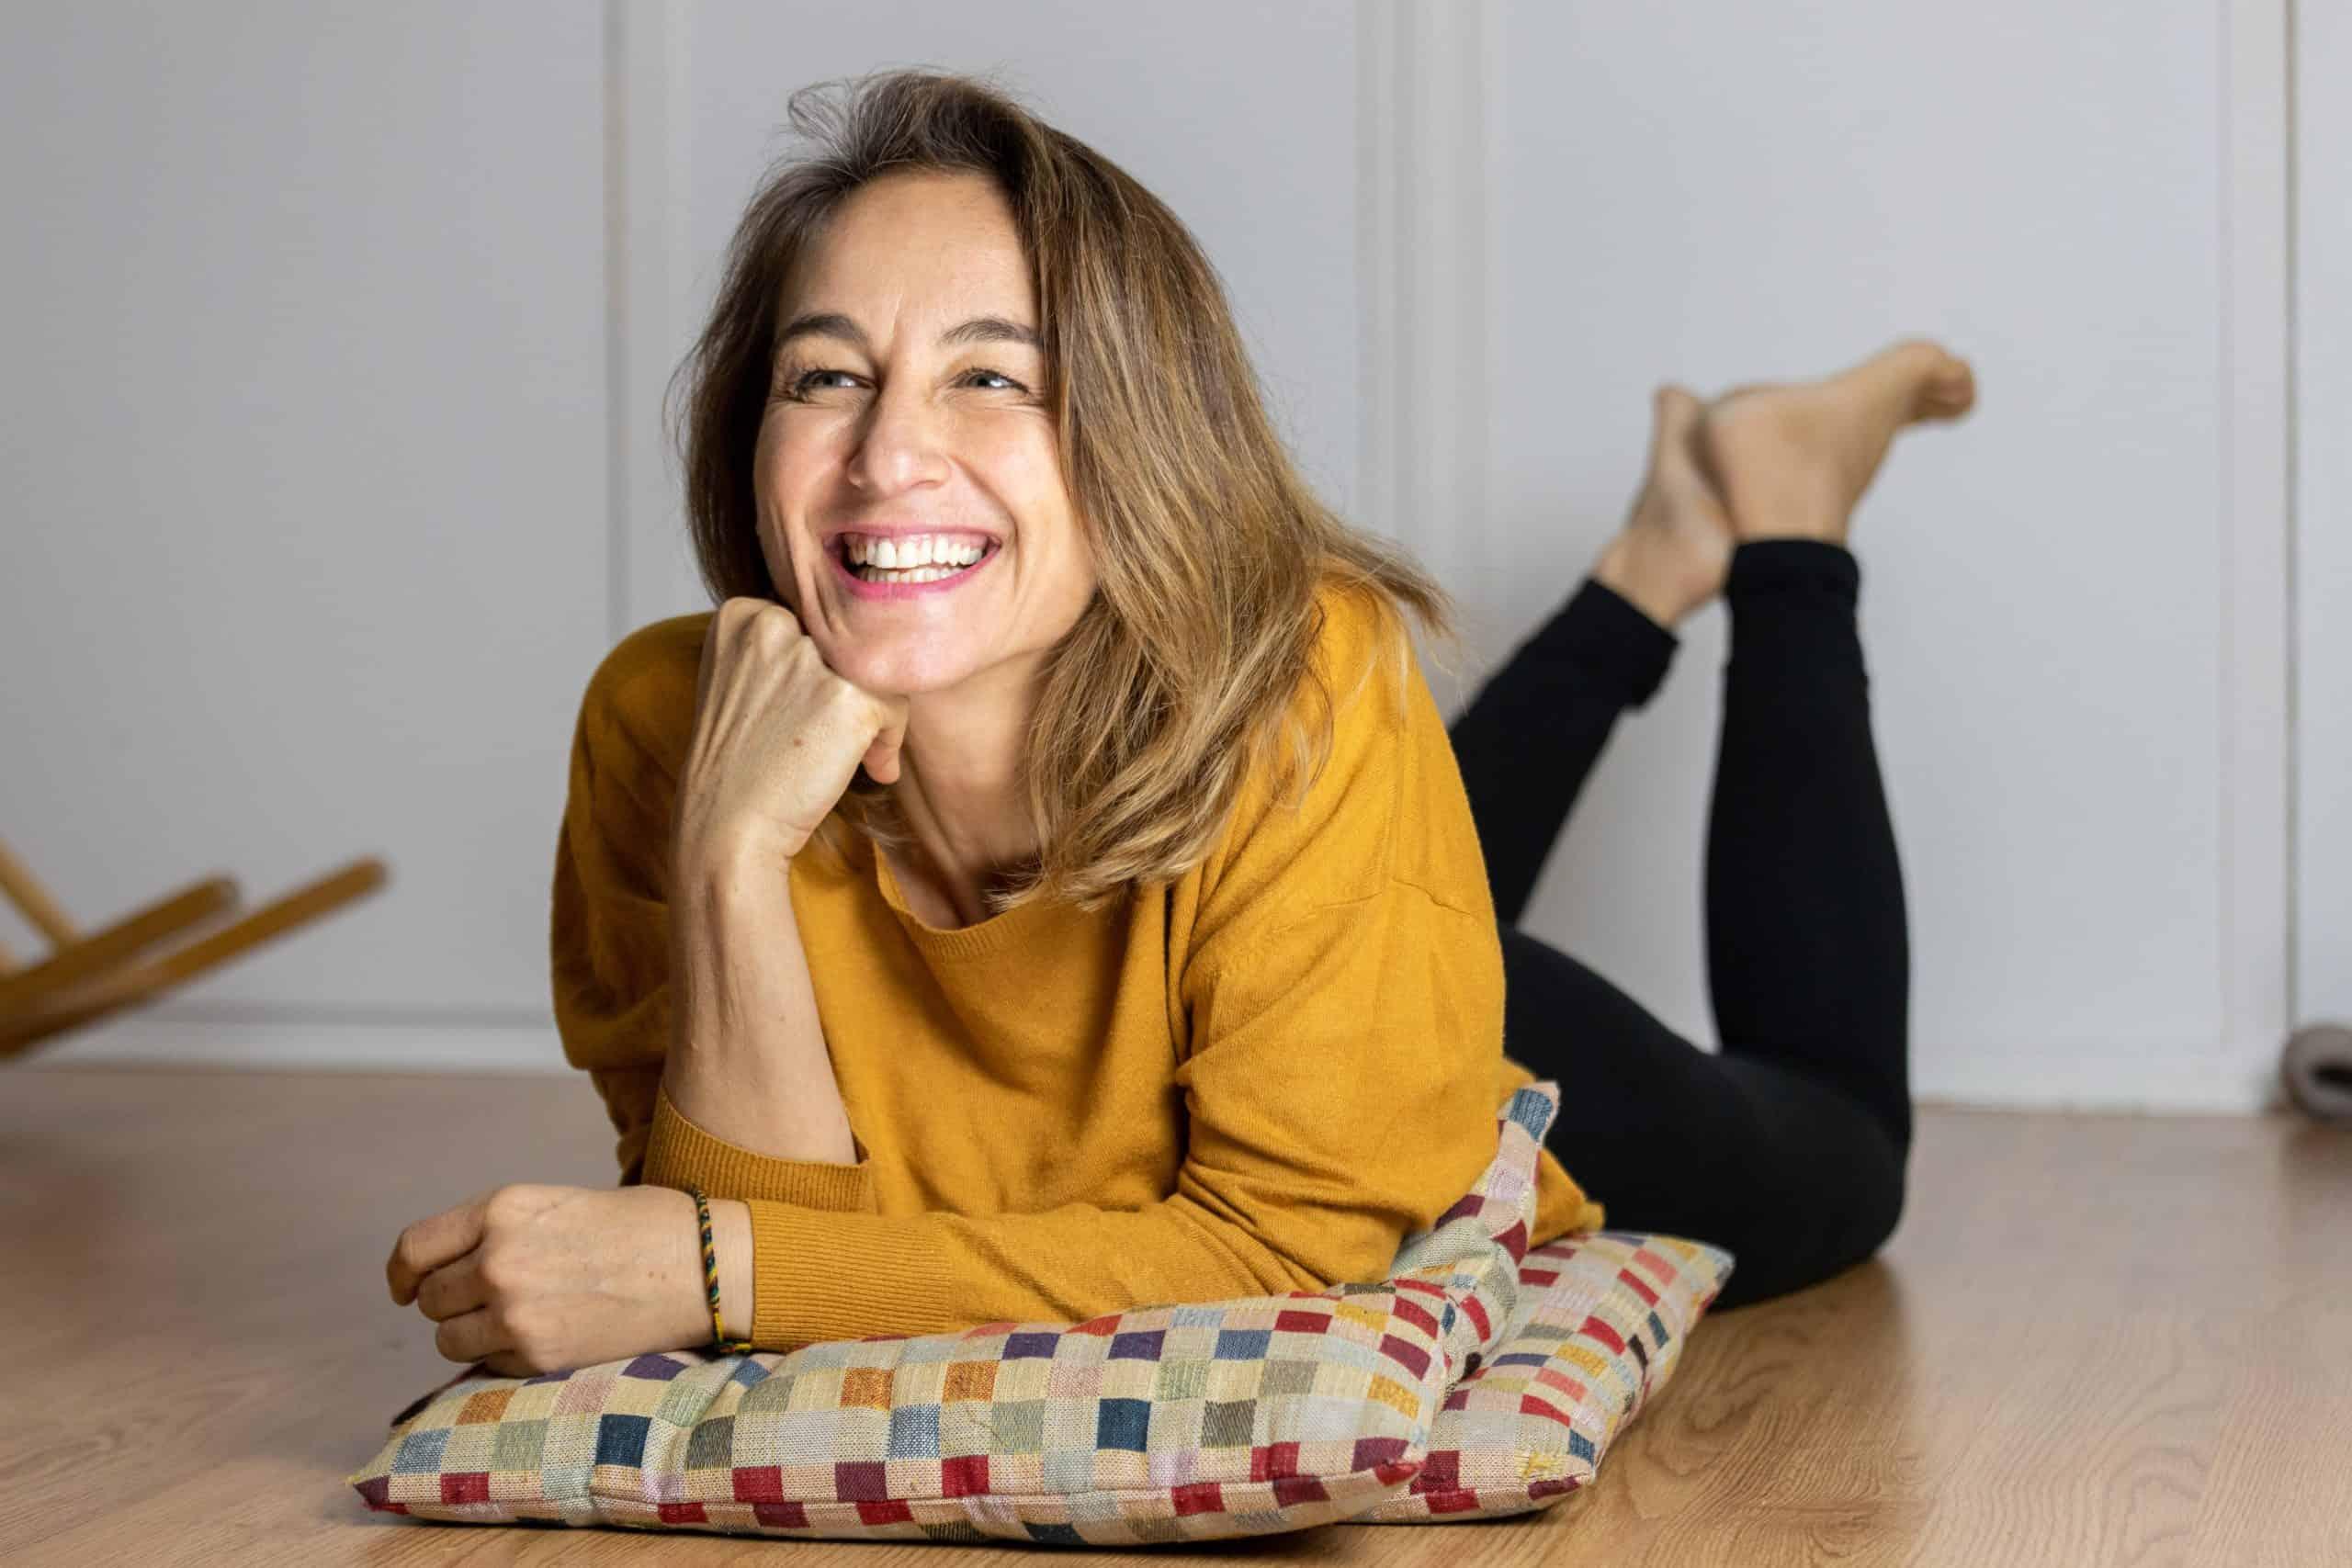 Victoria profesora de mindfulness para niños y adultos - cocotips